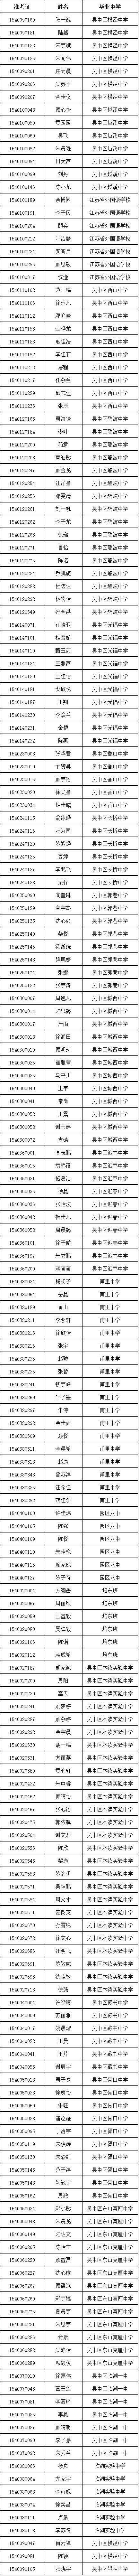 2015年苏州市吴中区录取苏苑中学指标生名单公示